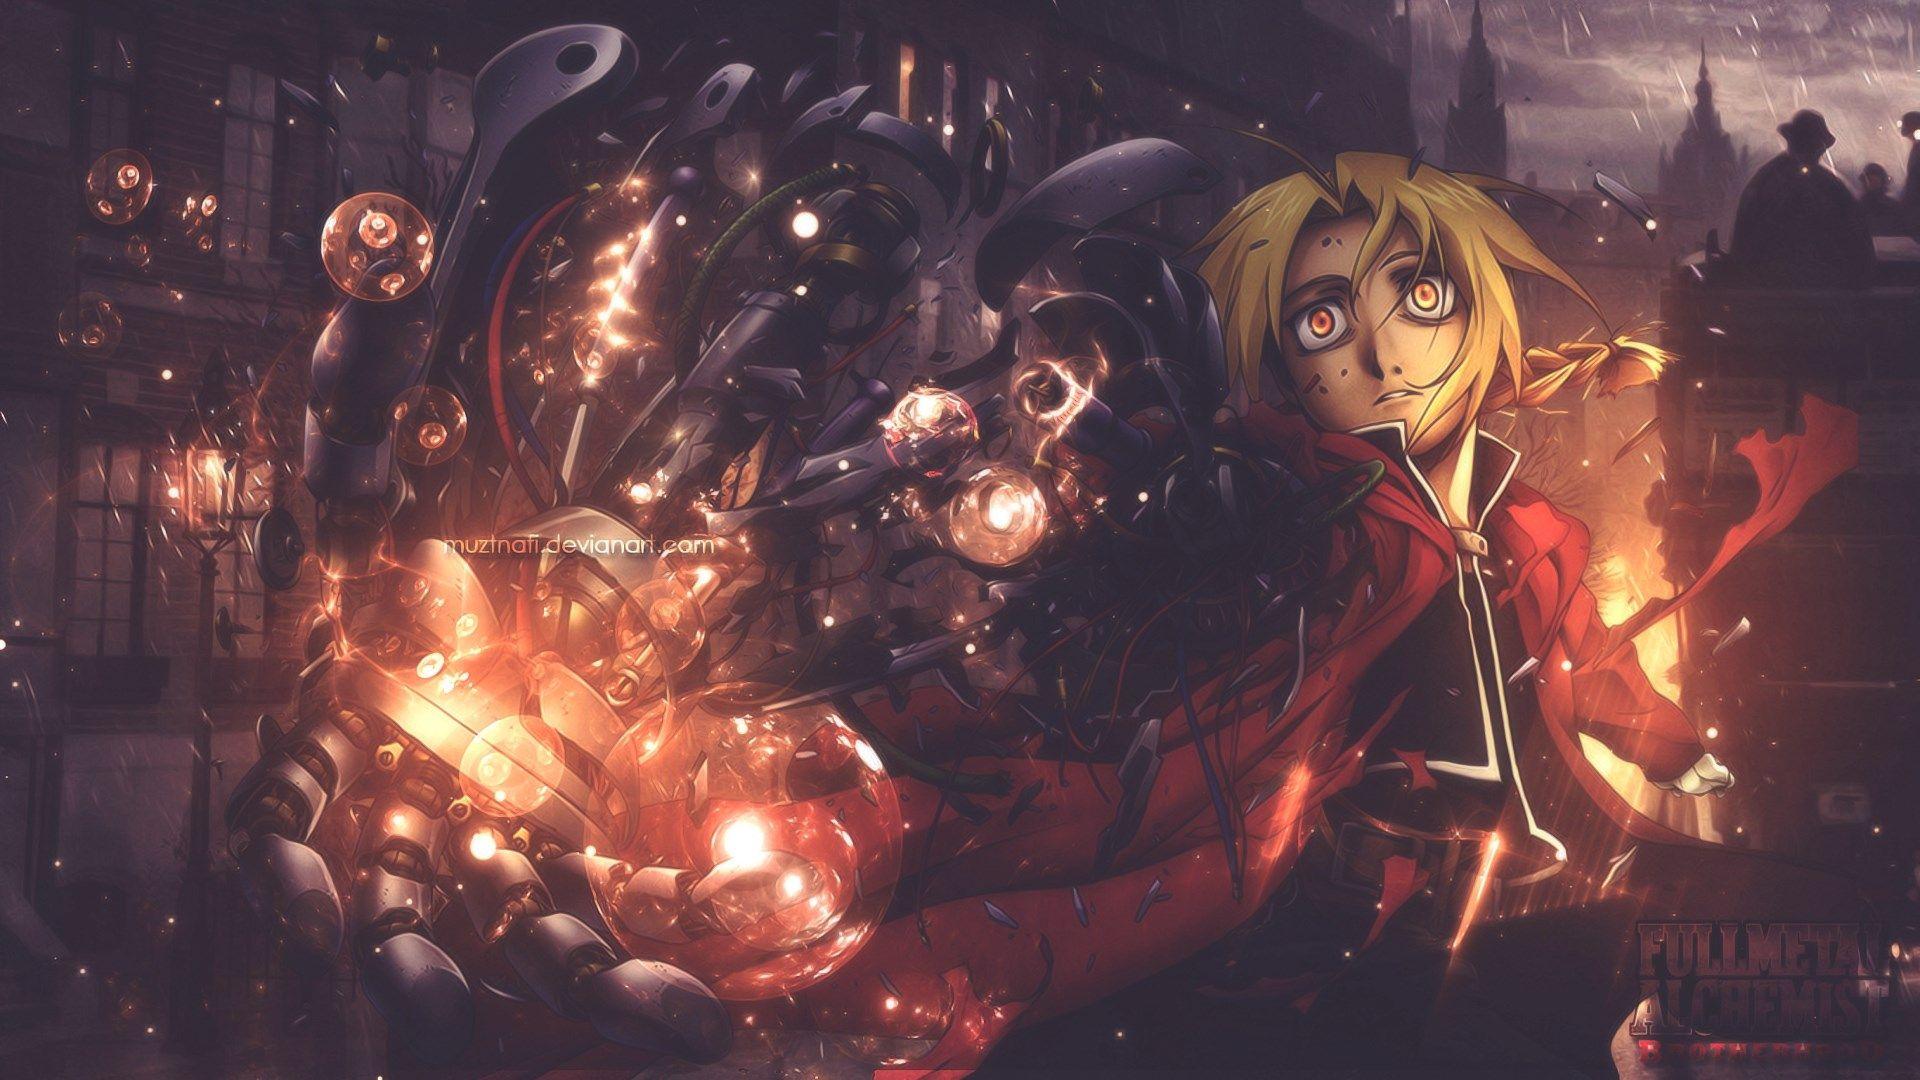 Free Desktop Backgrounds For Fullmetal Alchemist Fullmetal Alchemist Alchemist High Resolution Wallpapers